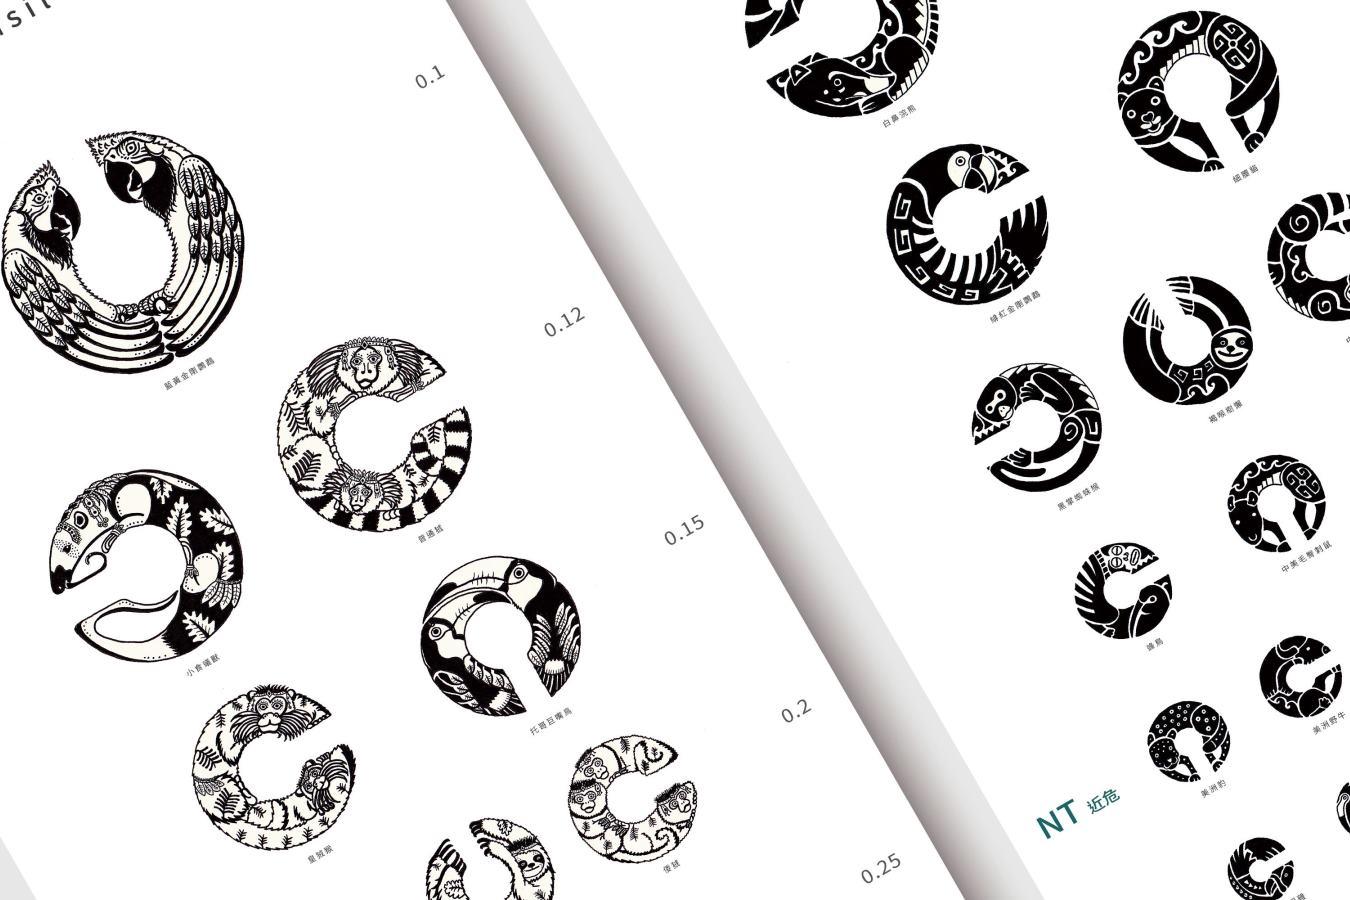 金點概念設計獎徵件倒數七天 年度最佳設計獎獎金提高至40萬